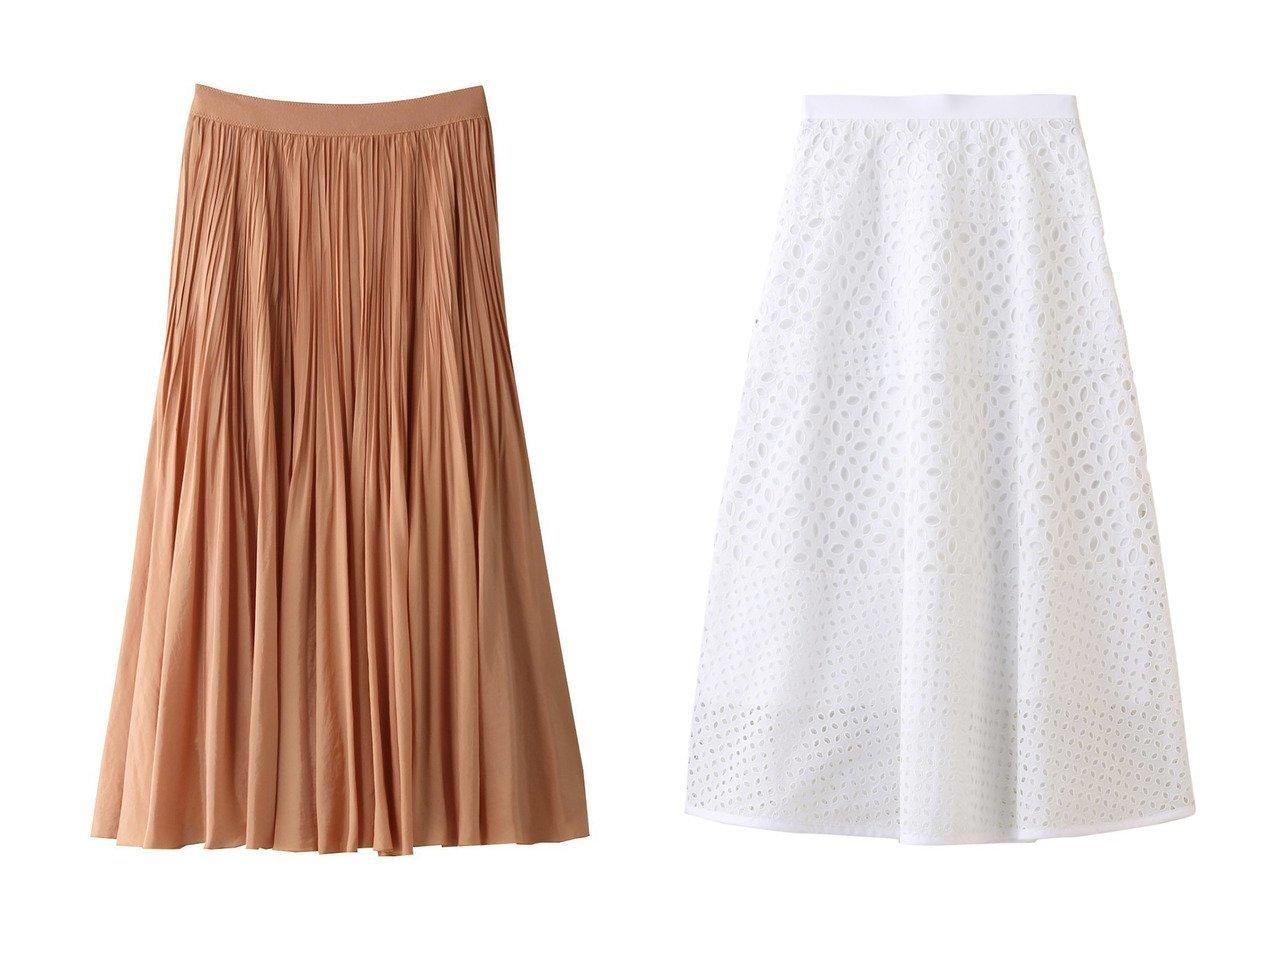 【ANAYI/アナイ】のライトローンサーキュラーフレアスカート&【allureville/アルアバイル】のコットンレースティアードスカート 【スカート】おすすめ!人気トレンド・レディースファッション通販 おすすめで人気の流行・トレンド、ファッションの通販商品 インテリア・家具・メンズファッション・キッズファッション・レディースファッション・服の通販 founy(ファニー) https://founy.com/ ファッション Fashion レディースファッション WOMEN スカート Skirt Aライン/フレアスカート Flared A-Line Skirts ロングスカート Long Skirt ティアードスカート Tiered Skirts エアリー シアー フレア ロング |ID:crp329100000050670